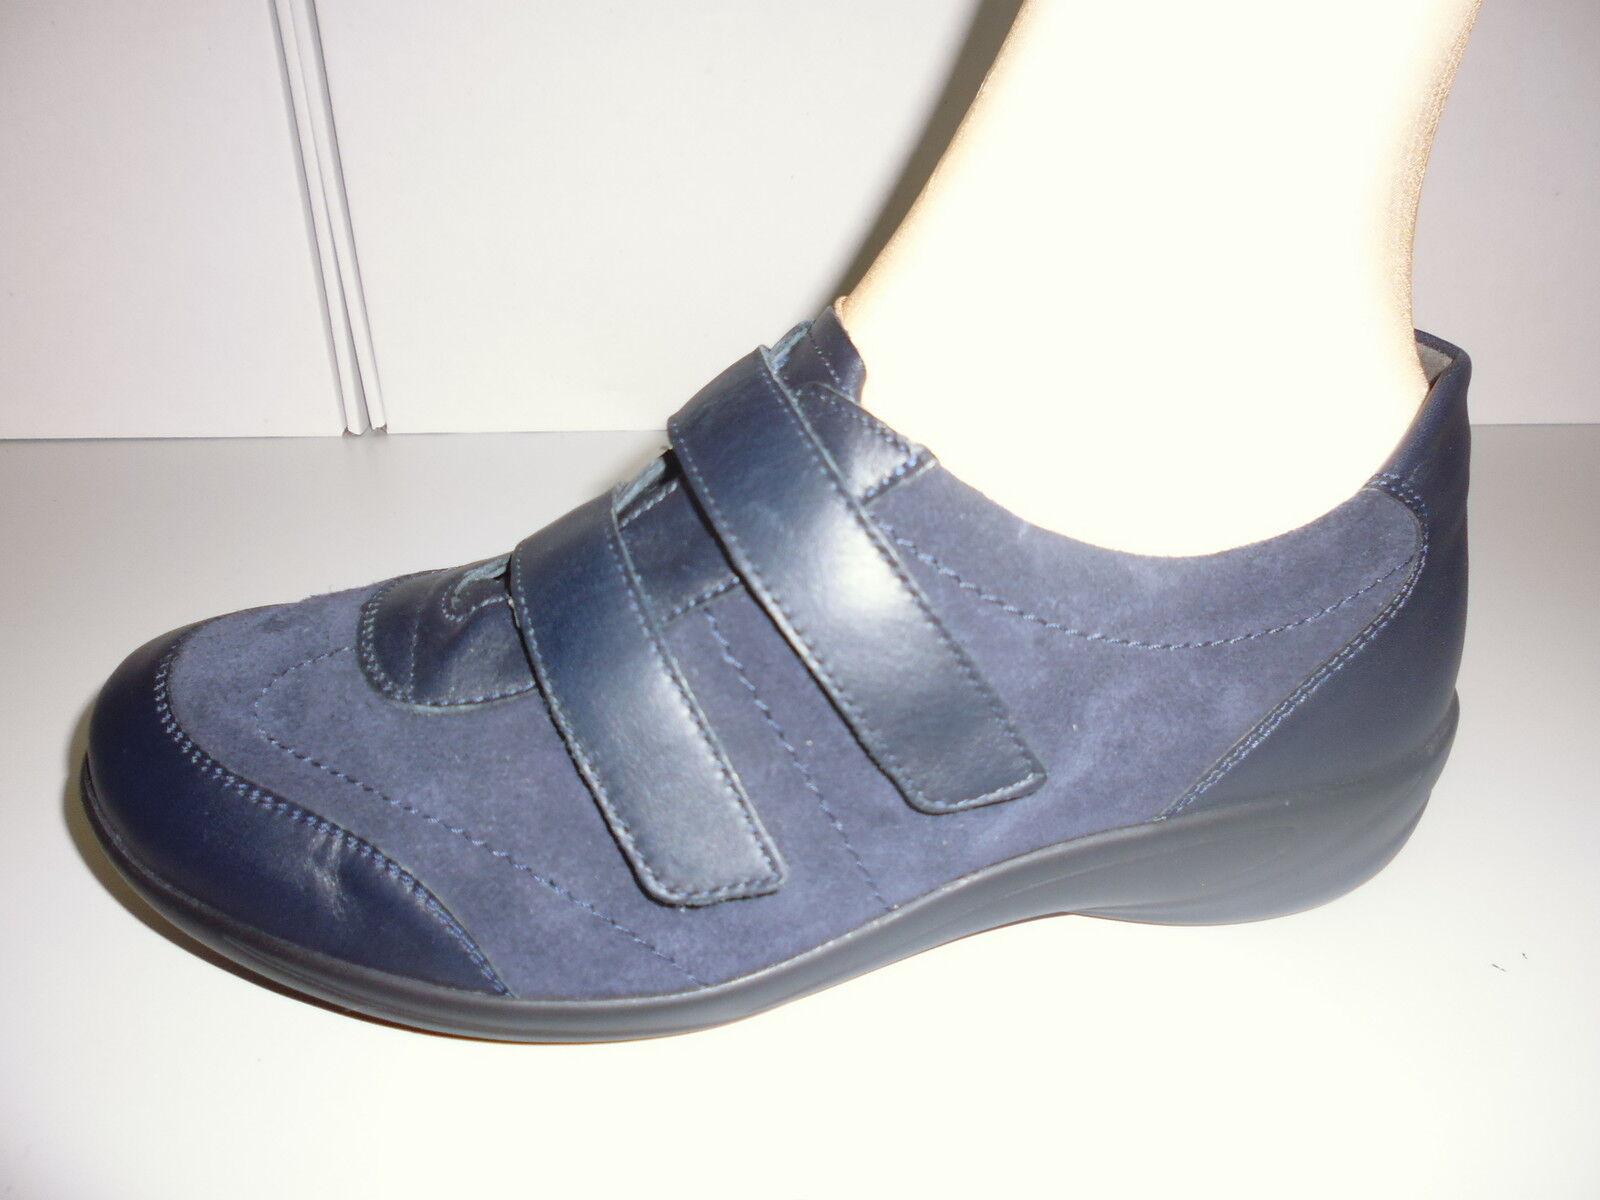 chaussures femmeschaussures SLIPPER KLETTSLIPPER   LEDER von SEMLER Gr. 5 ( 38 ) W K